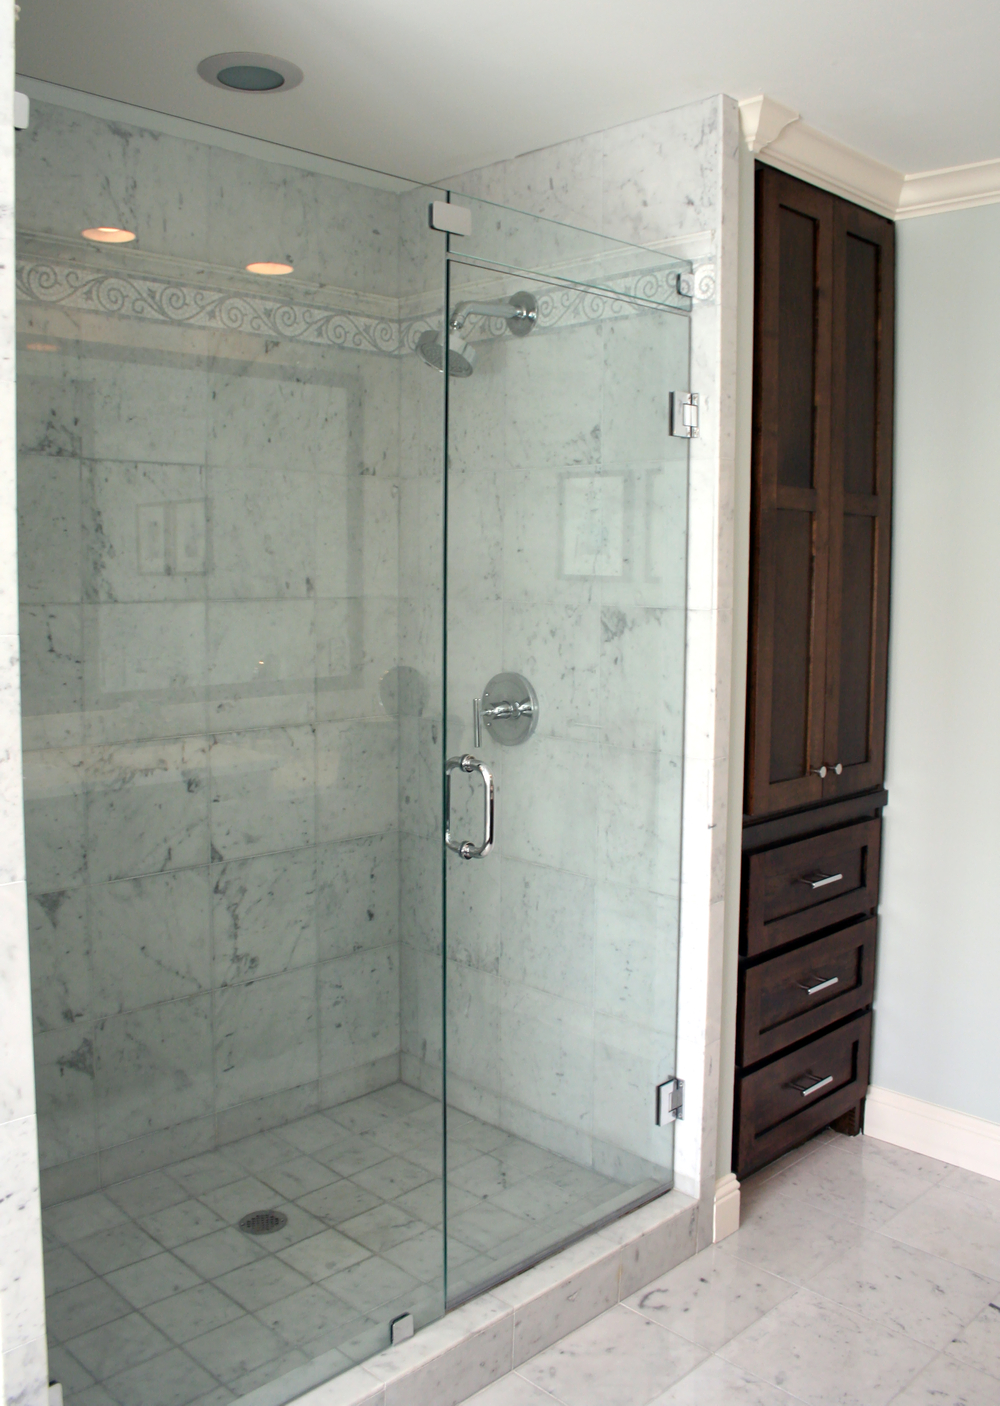 1oak_bathroom14.jpg